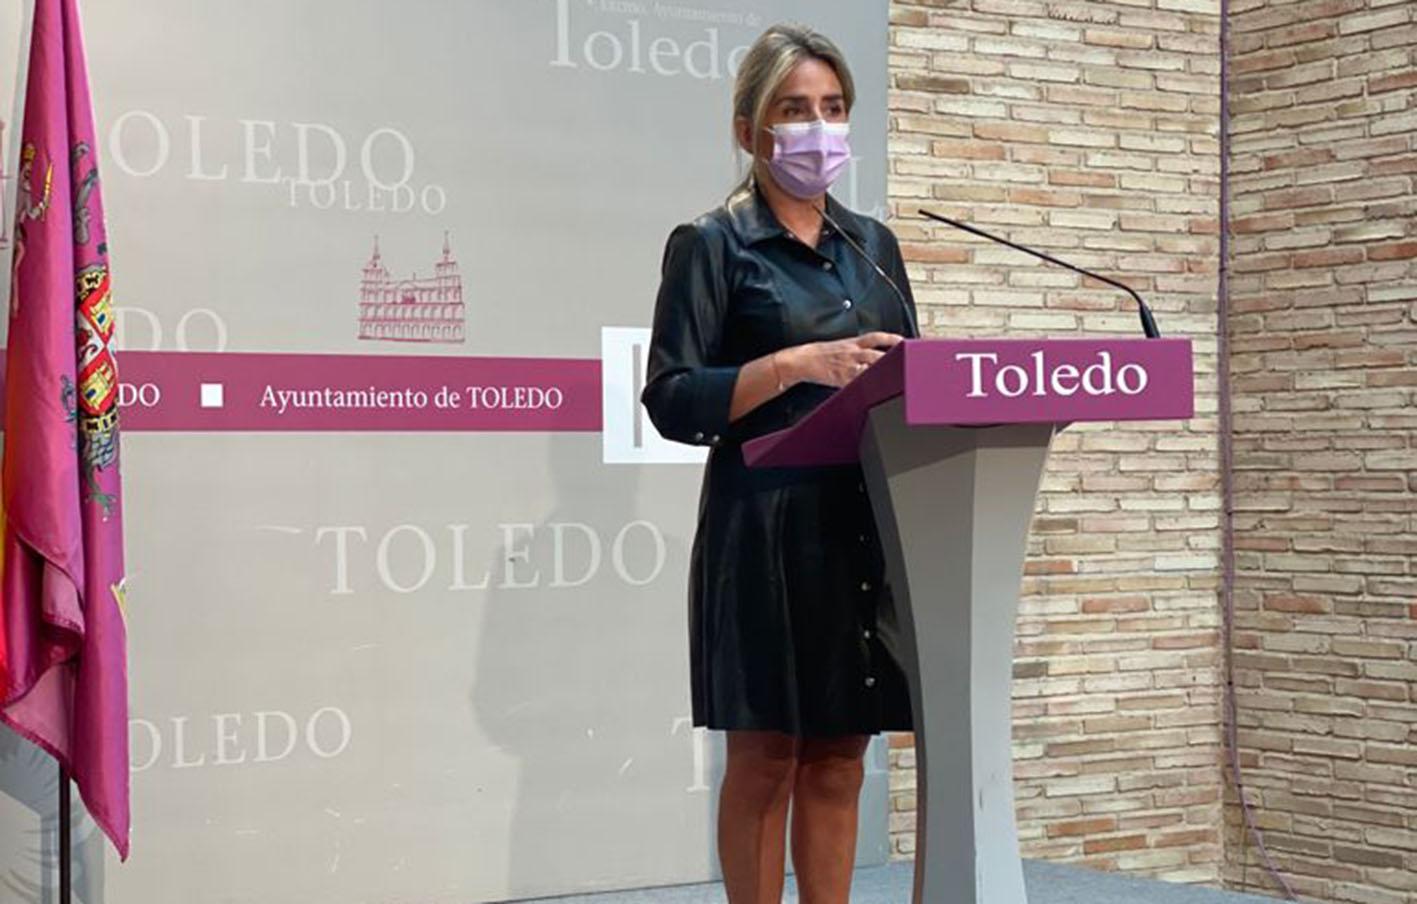 Milagros Tolón, alcaldesa de Toledo, ha detallado las nuevas obras que comenzarán durante lo que resta de 2021 y que supondrán un desembolso de 9,5 millones de euros.